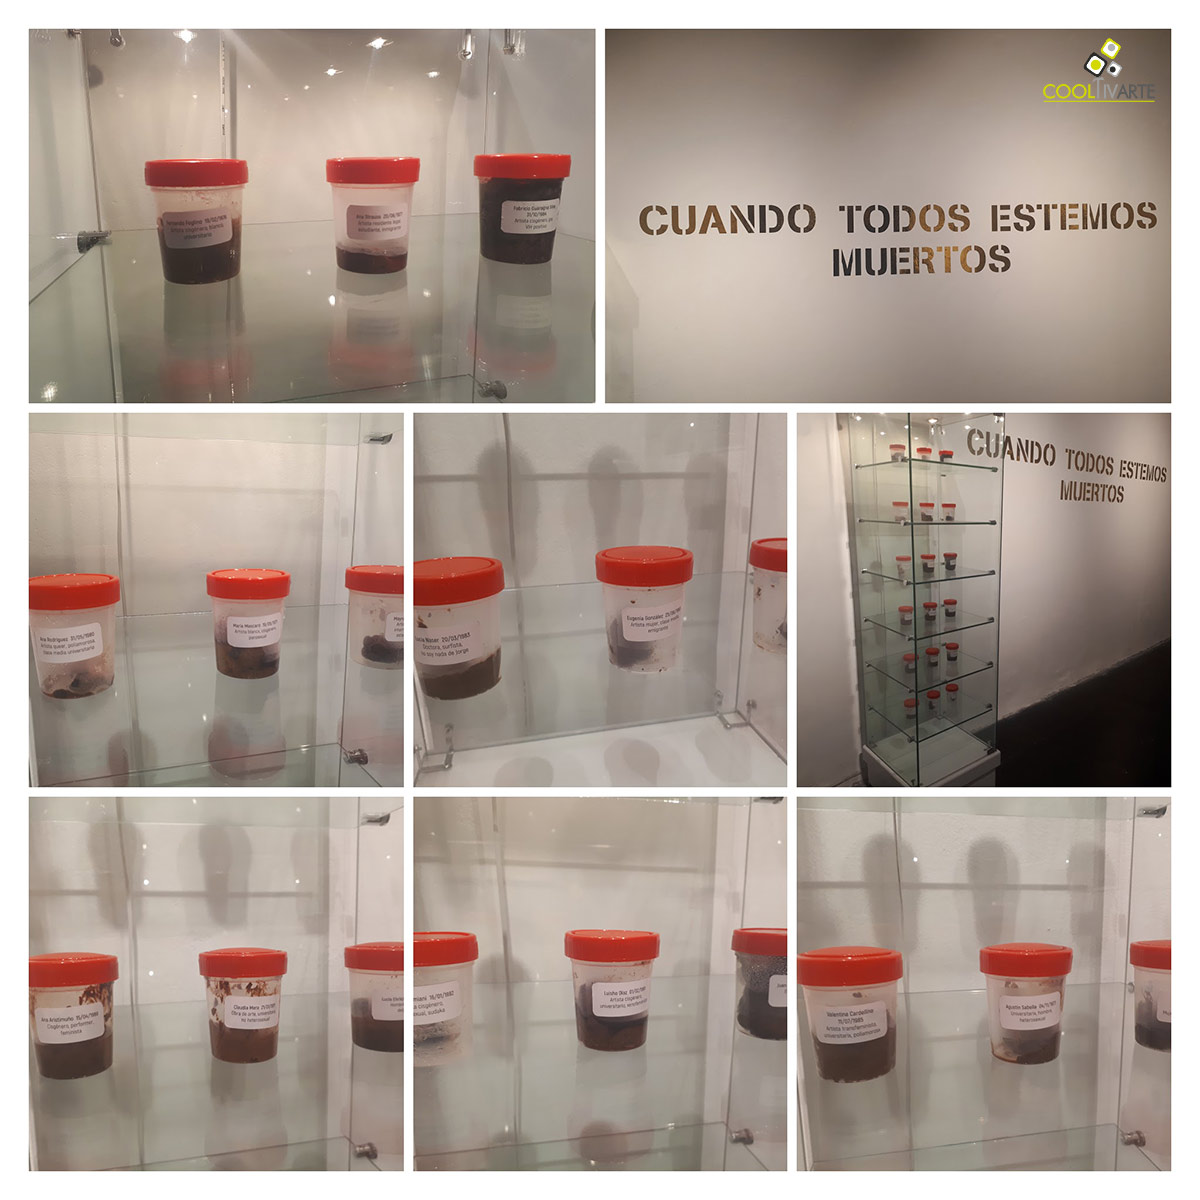 artista-de-mierda-fernando-barrios-49-premios-nacional-de-artes-visuale-uruguaya-centro-de-exposiciones-subte-agosto-2019-foto-federico-meneses